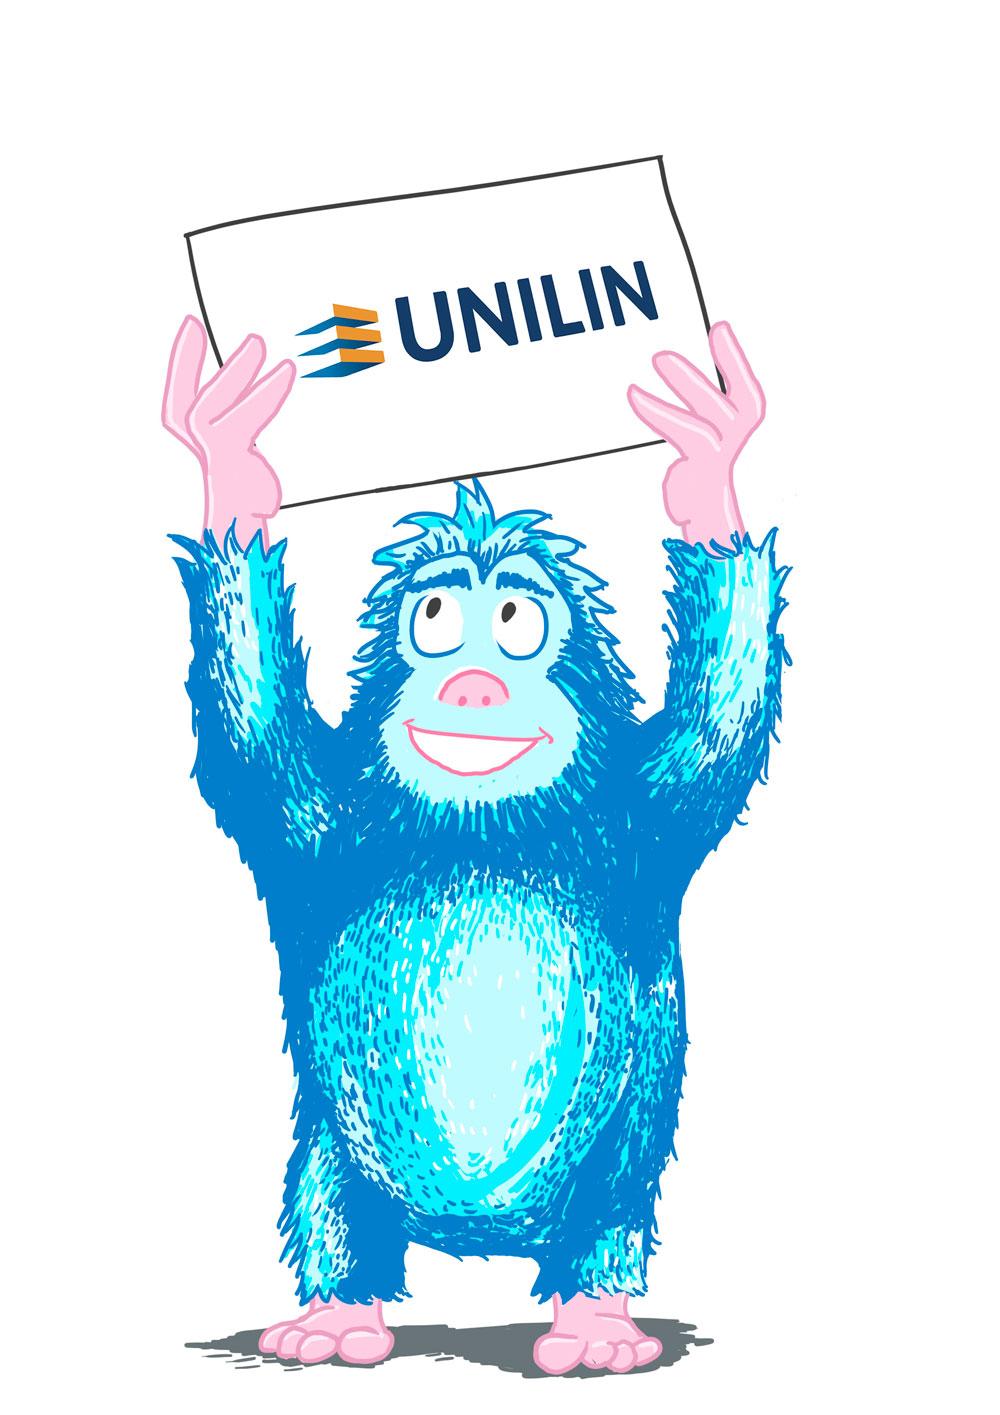 Création d'un mascotte pour UNILIN. Illustrateur indépendant